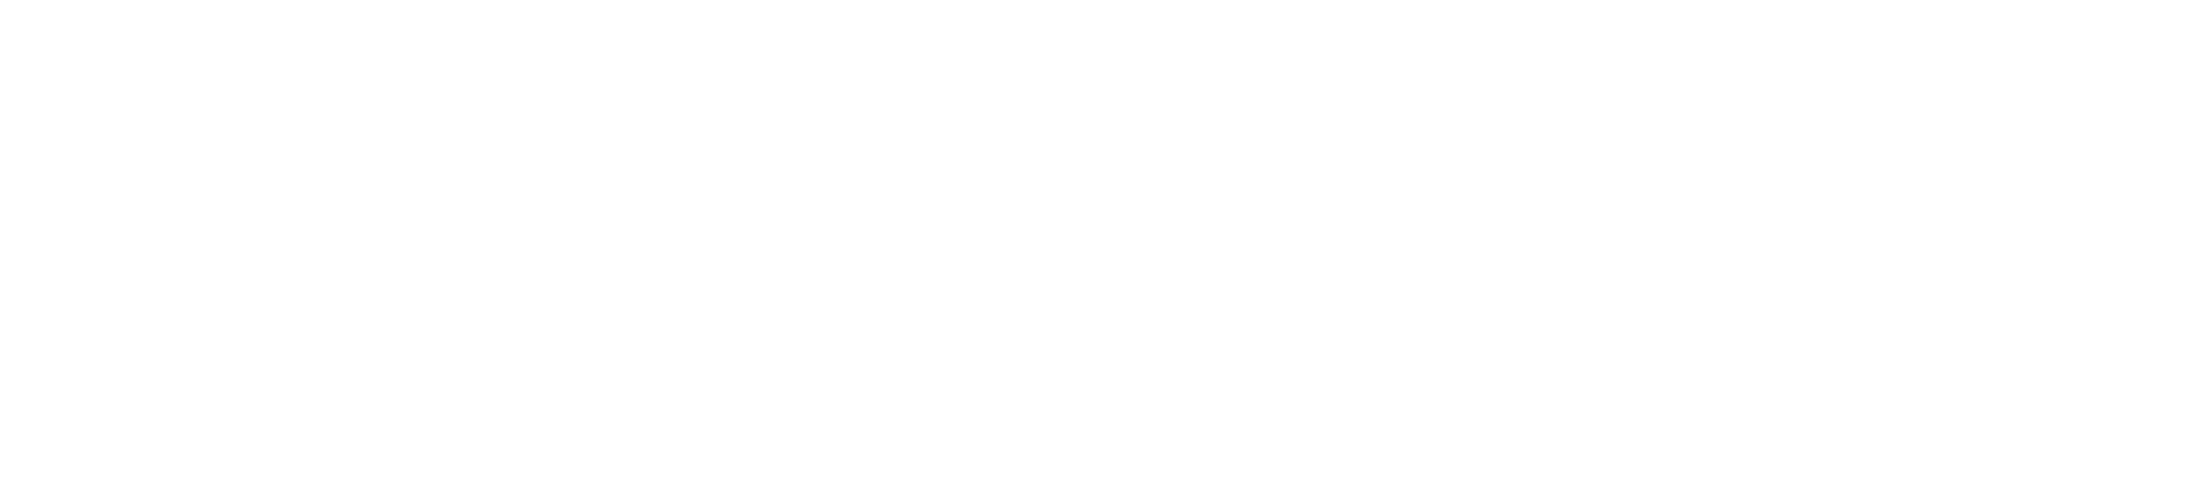 Купити будівельну фарбу і грунтовку оптом в Україні – Prommax